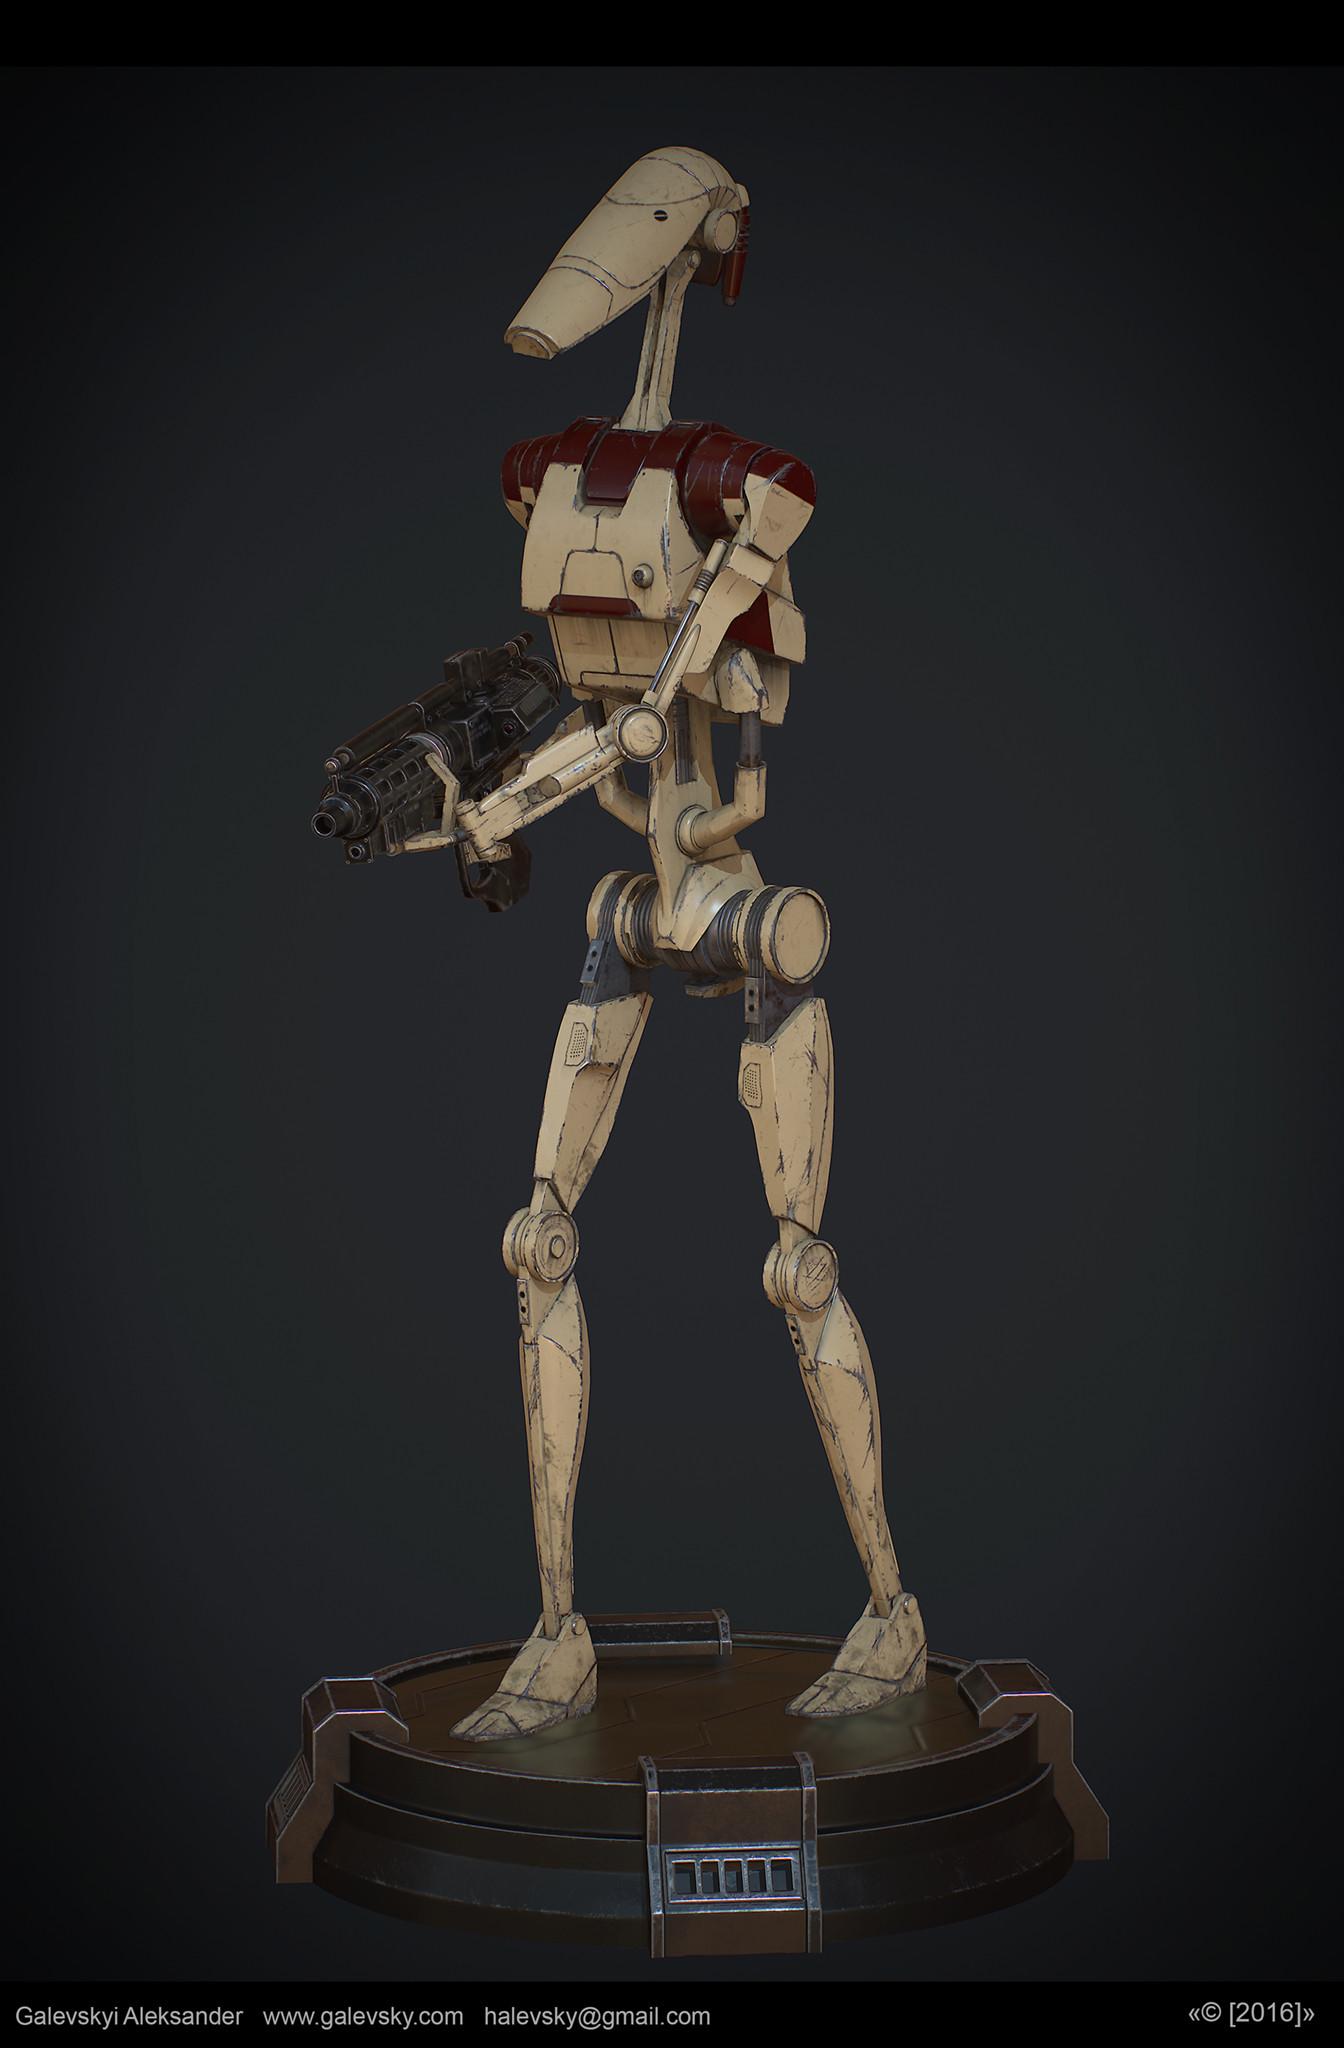 Aleksander galevskyi droid posed 02 mid